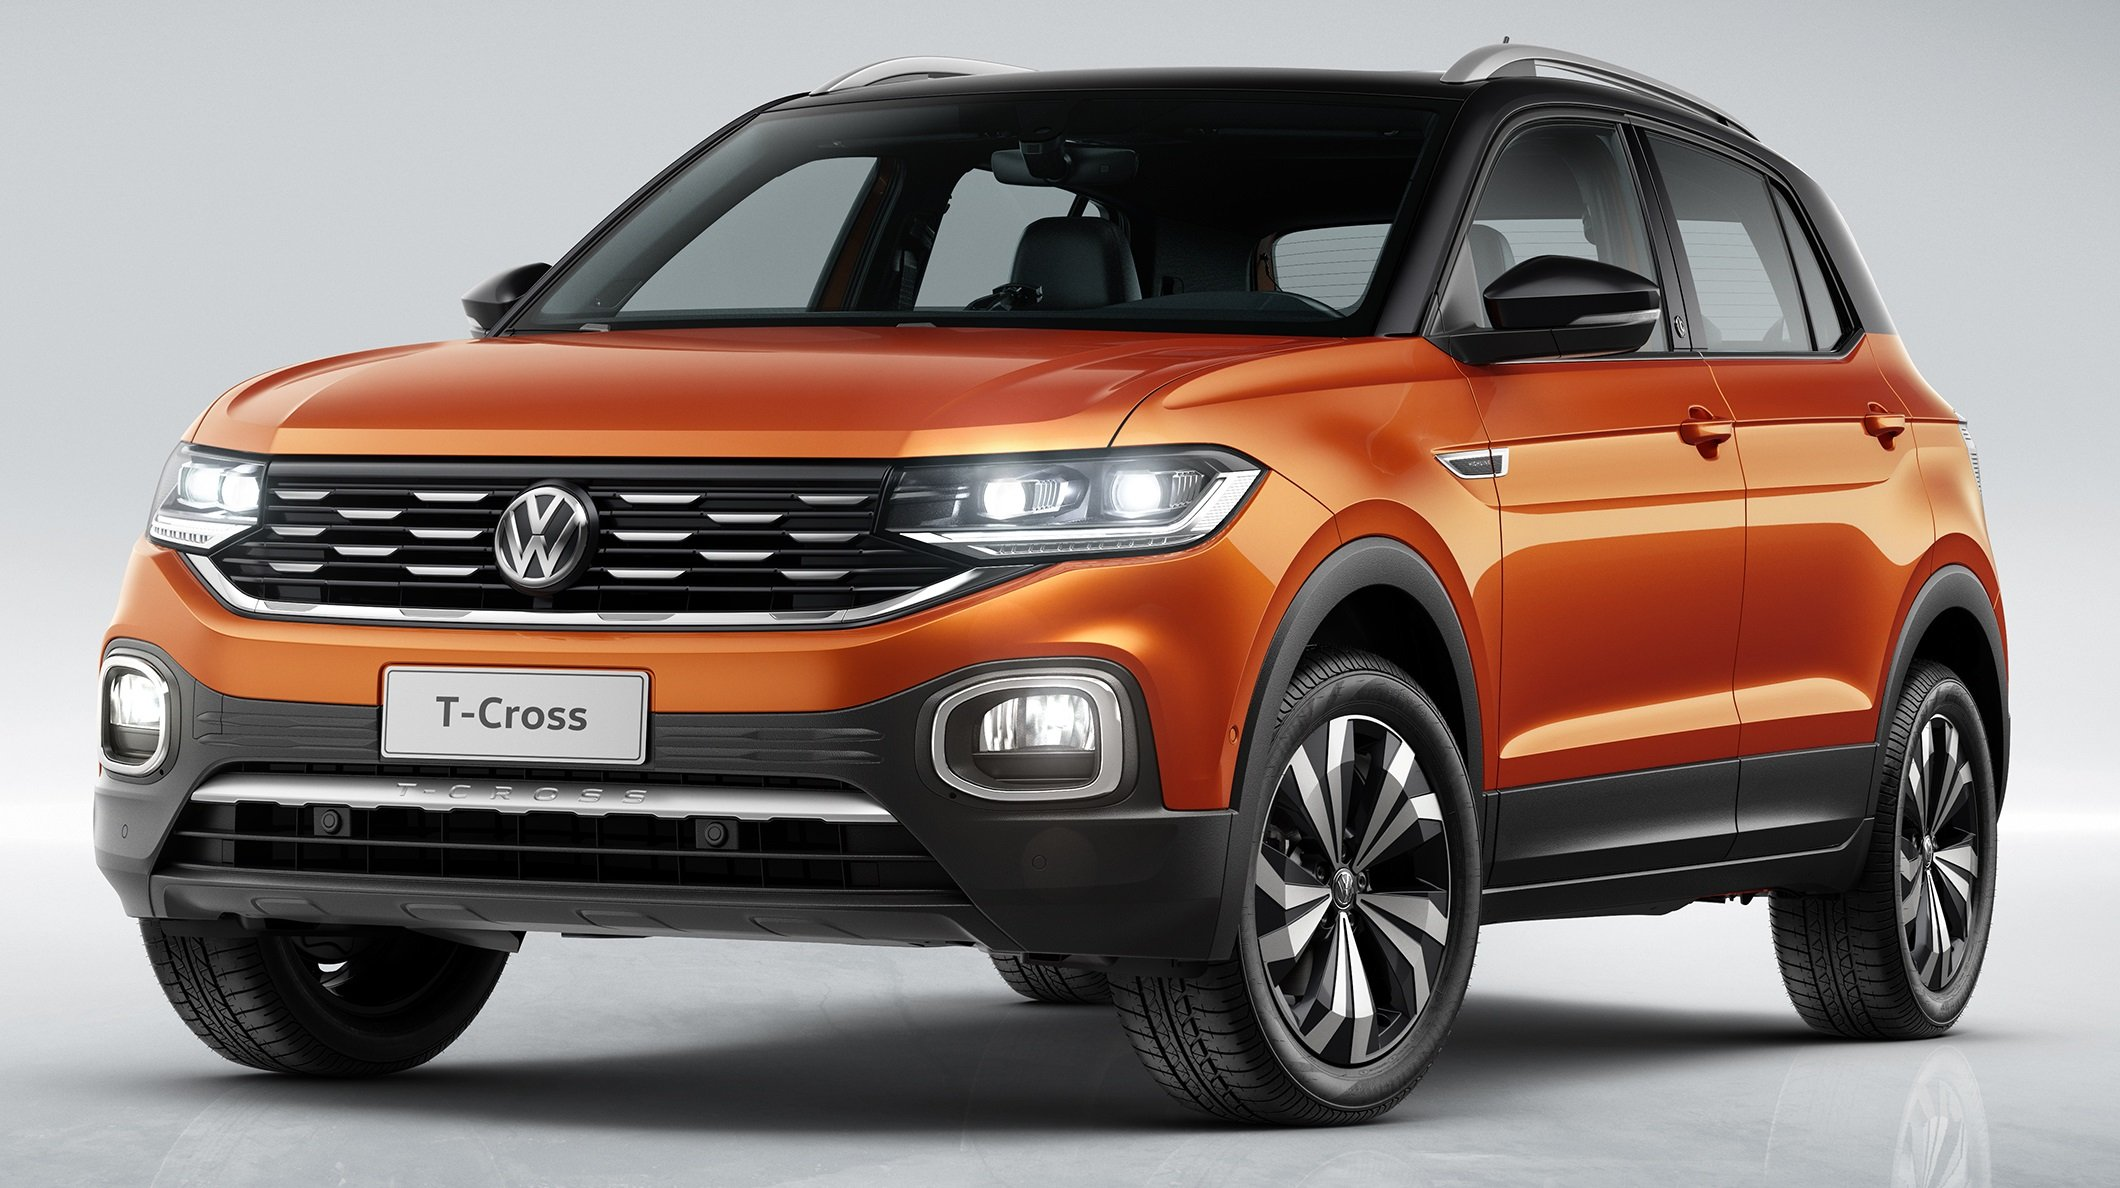 Novo SUV da Volkswagen, T-Cross estreia série de vídeos exibindo seus diferenciais